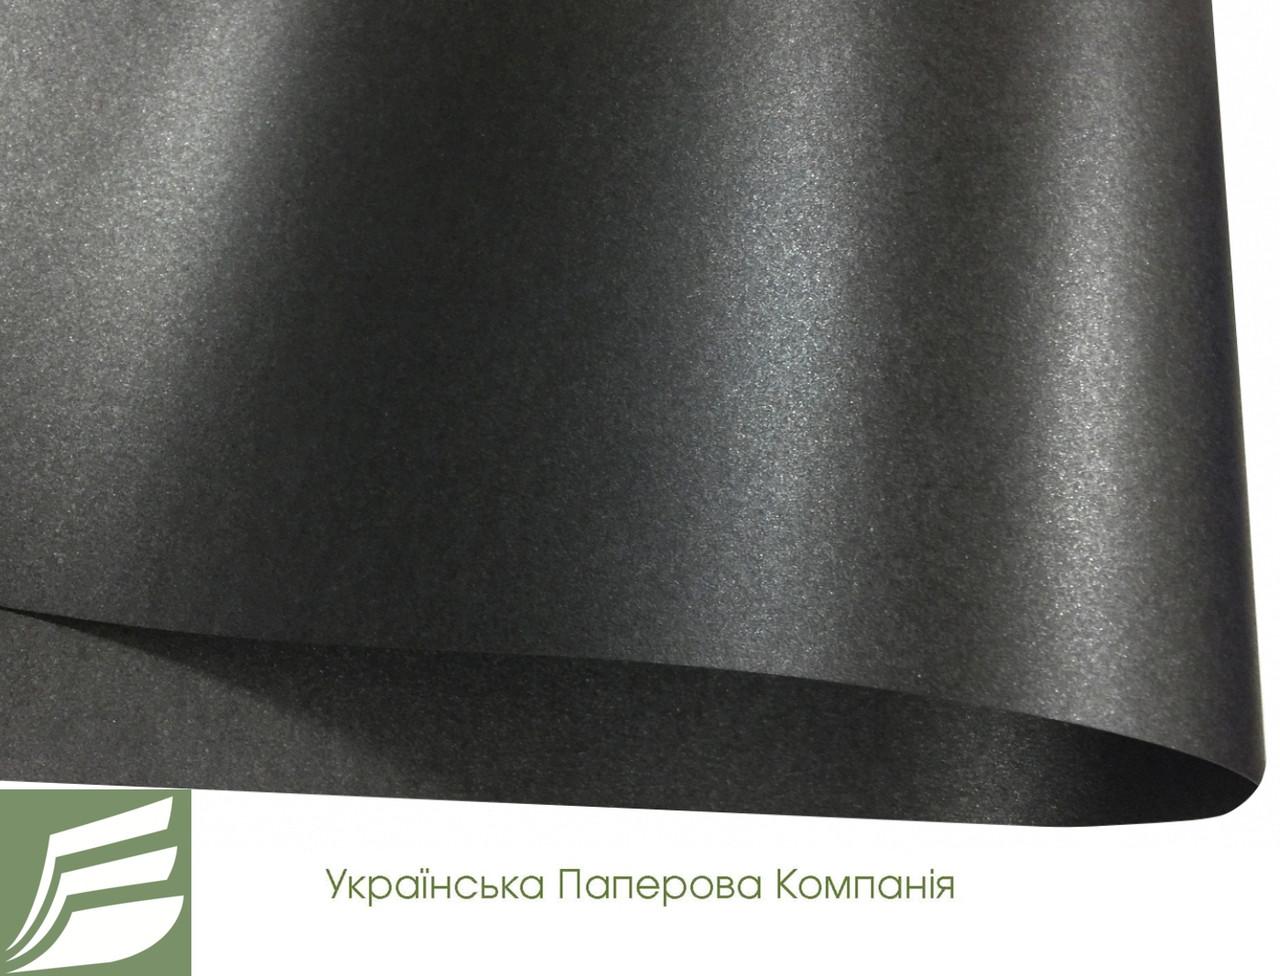 Дизайнерский картон Majestic Black Paper, черный перламутровый, 250 гр/м2